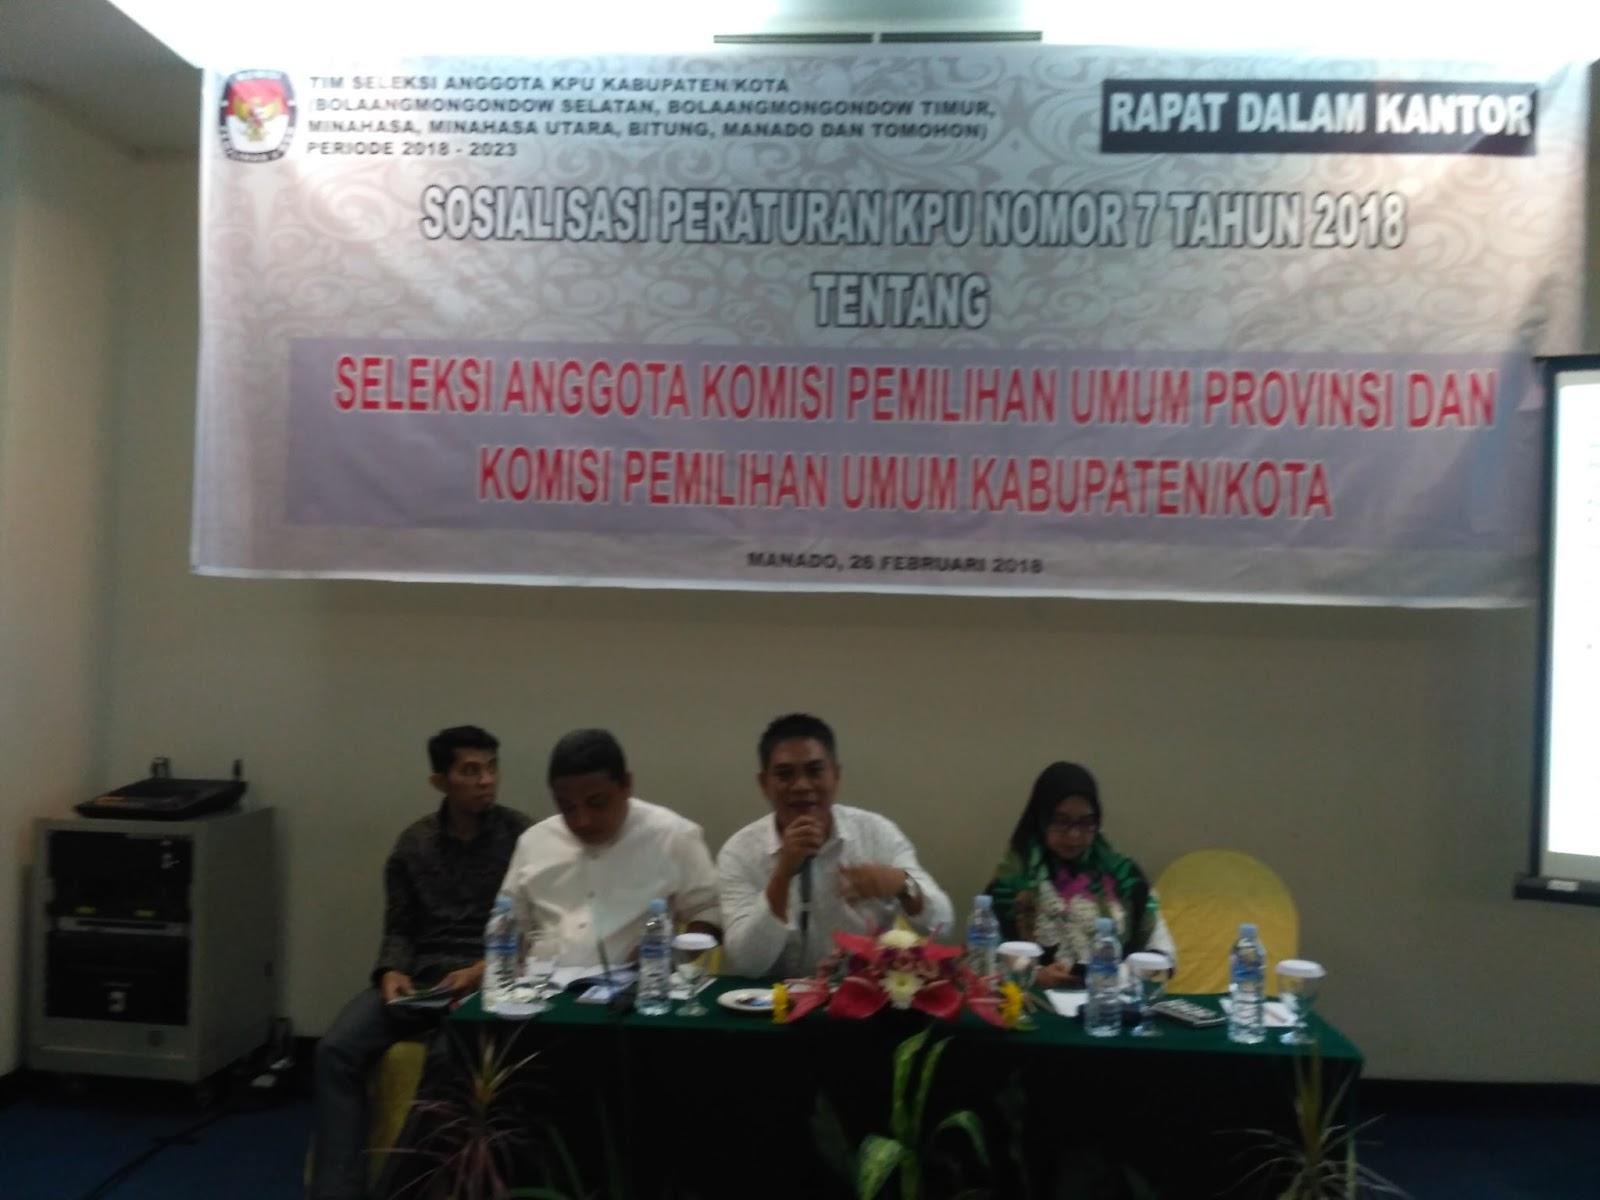 Taroreh Tegaskan Calon Anggota KPU Kabupaten/Kota di Sulut Harus Berpengalaman